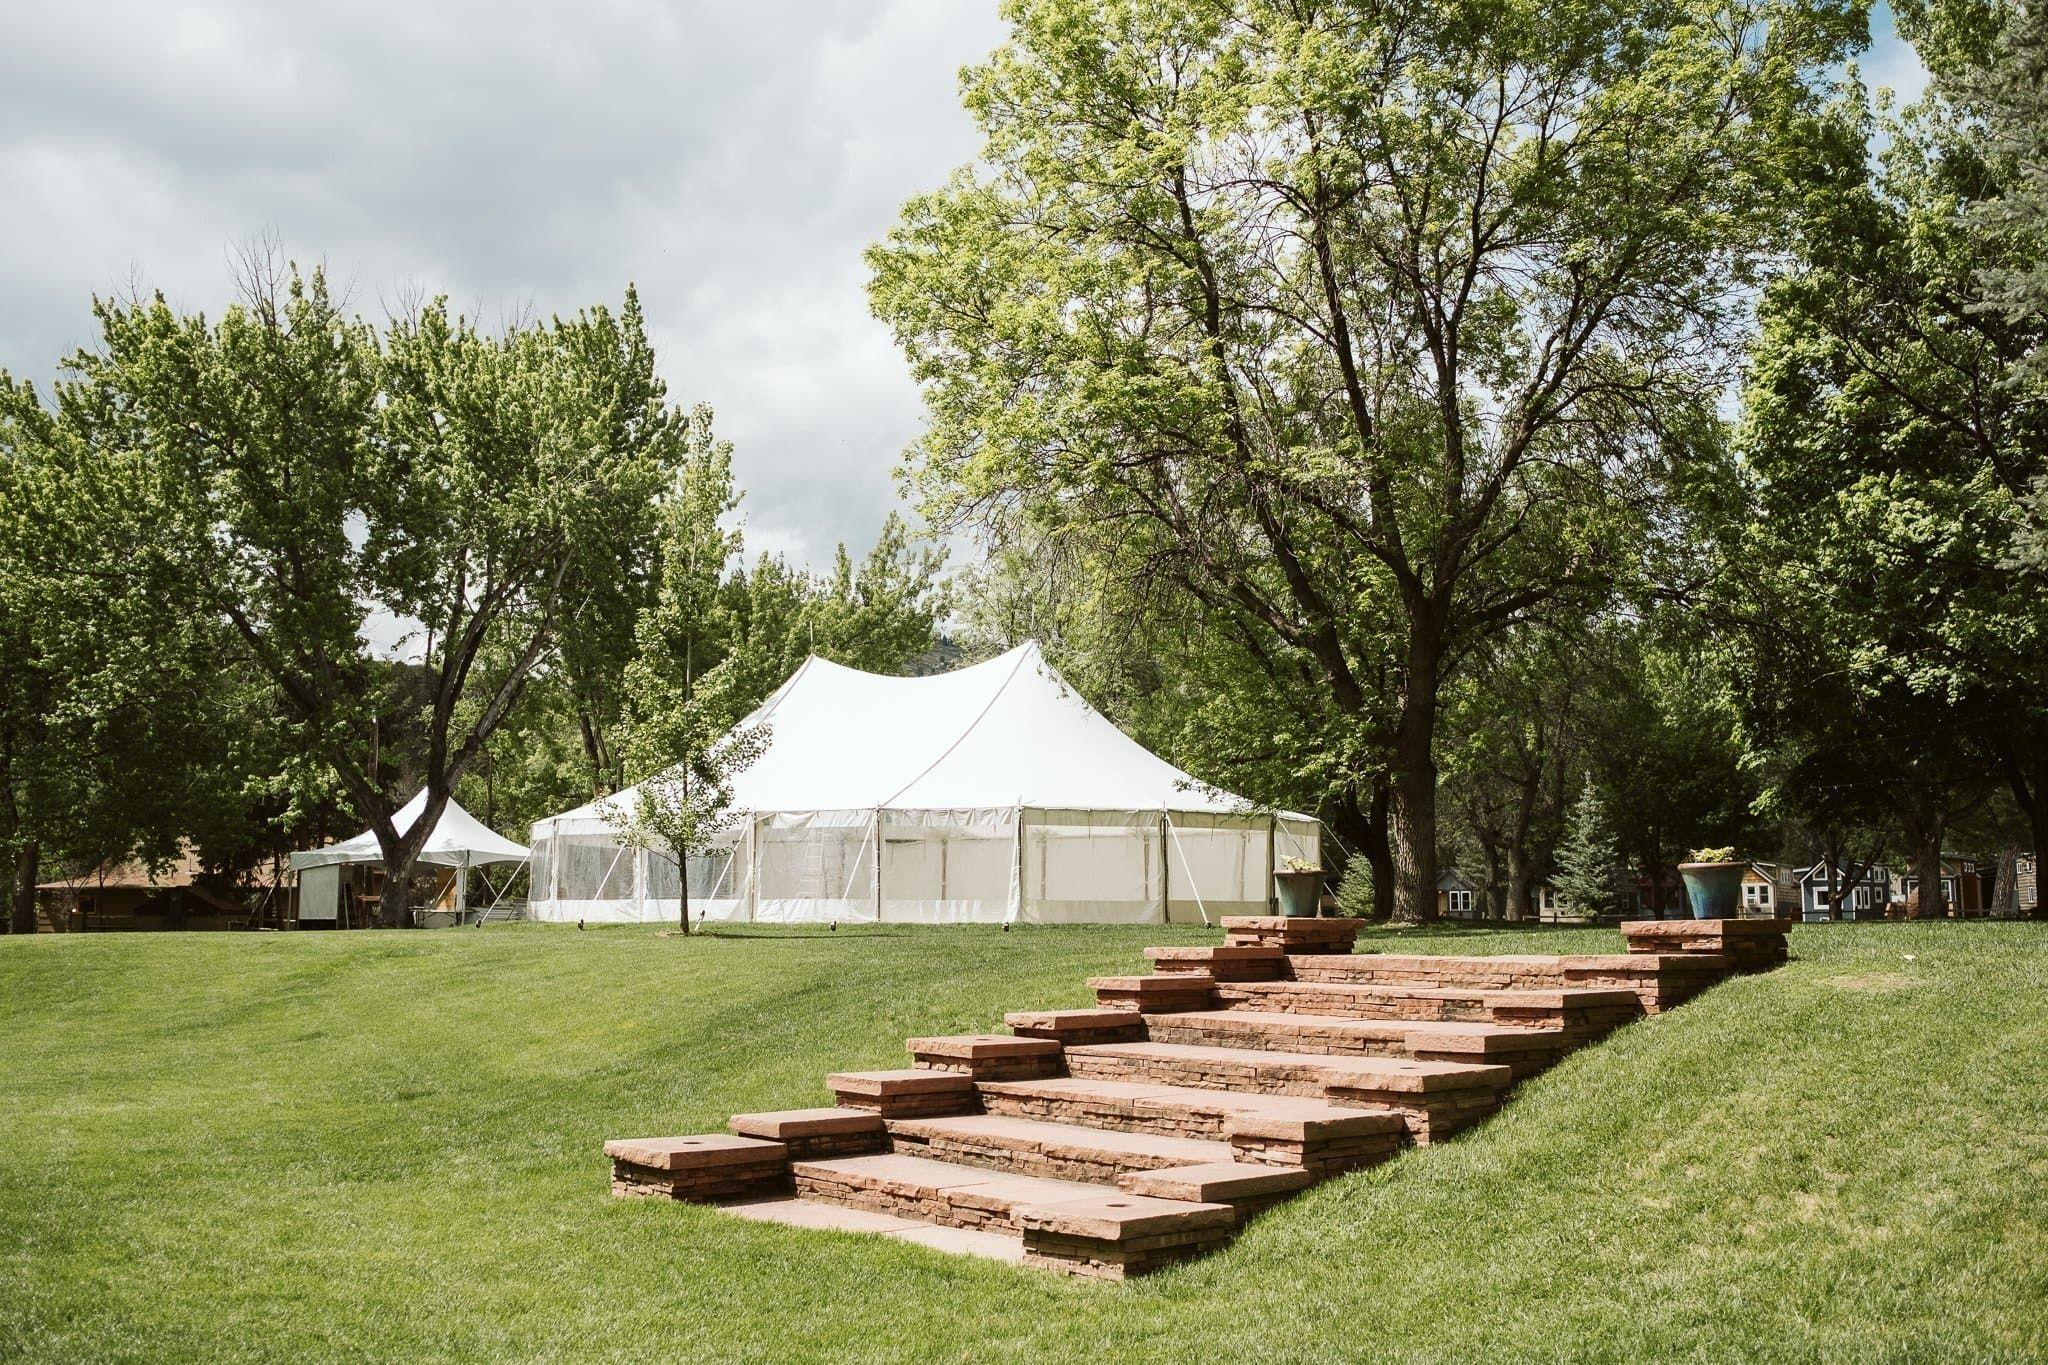 Boulder Wedding Venues: The Complete Guide for Boulder ...